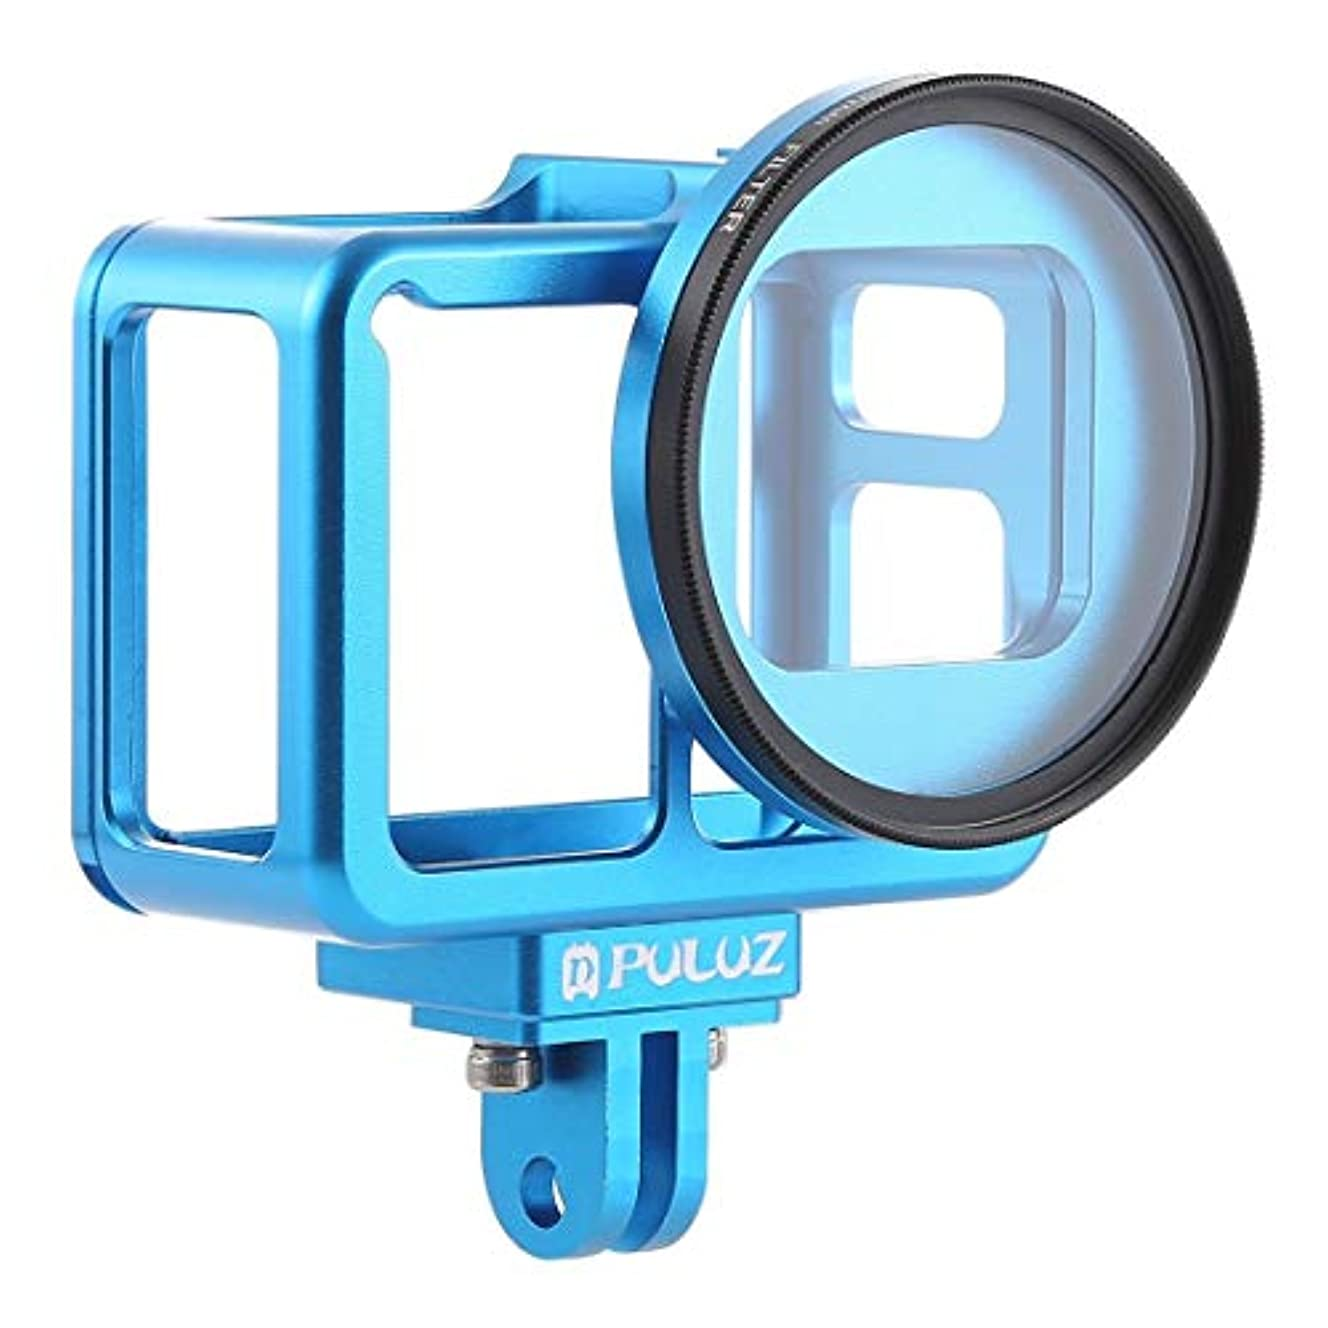 劇的関係する脳PL ハウジングシェル CNCアルミニウム合金保護ケージ 保護フレーム 52mm UVレンズ GoPro HERO7 ブラック / 6 / 5 (ブラック) (カラー:ブルー)